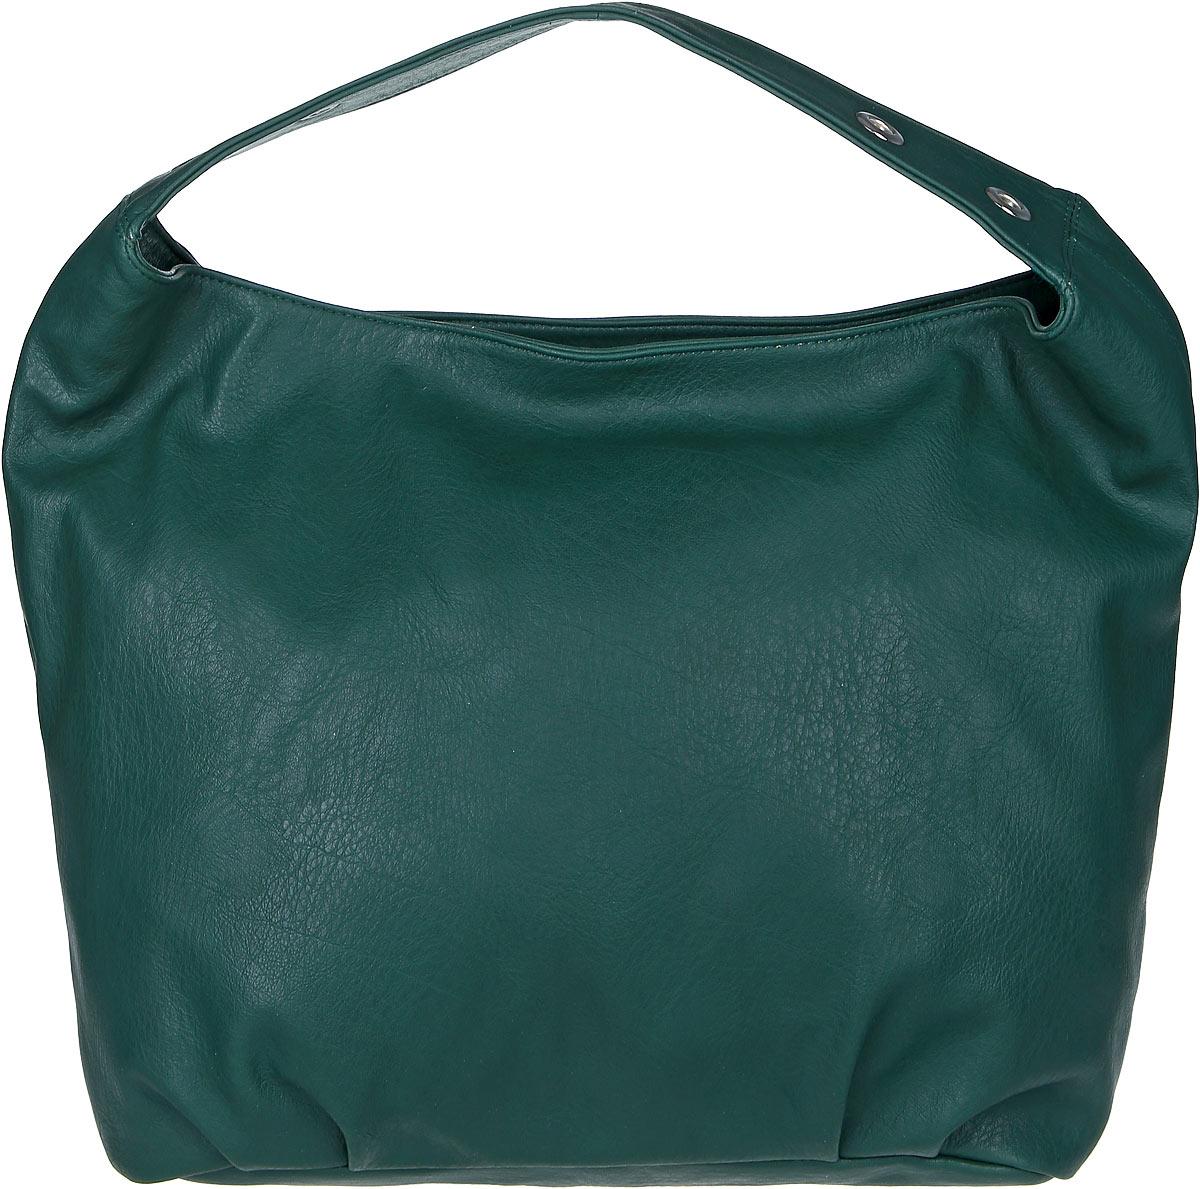 Сумка женская Медведково, цвет: темно-зеленый. 17с3246-к14L39845800Массивная женская сумка Медведково выполнена из искусственной кожи. Модель с одним отделением. Внутри имеется два накладных кармана и прорезной карман на молнии. Задняя стенка дополнена прорезным карманом на молнии. Сумка оснащена ручкой с люверсами.